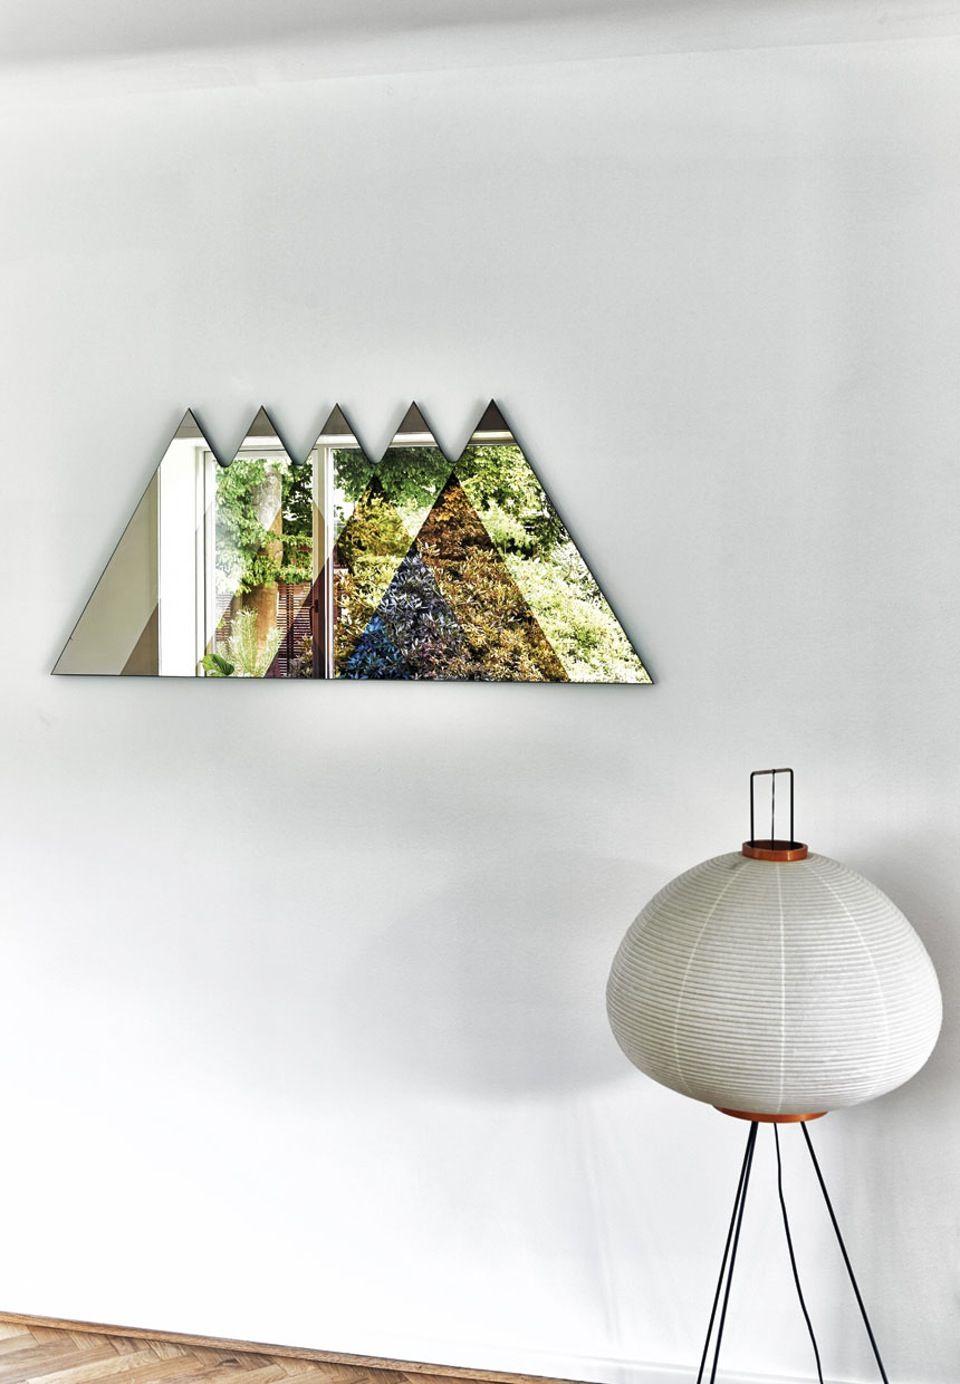 Hus i Fruens Bge med Gulvlampe og trekantsspejl. Find this Pin and more on  (Q) Mid century modern furniture & style ...